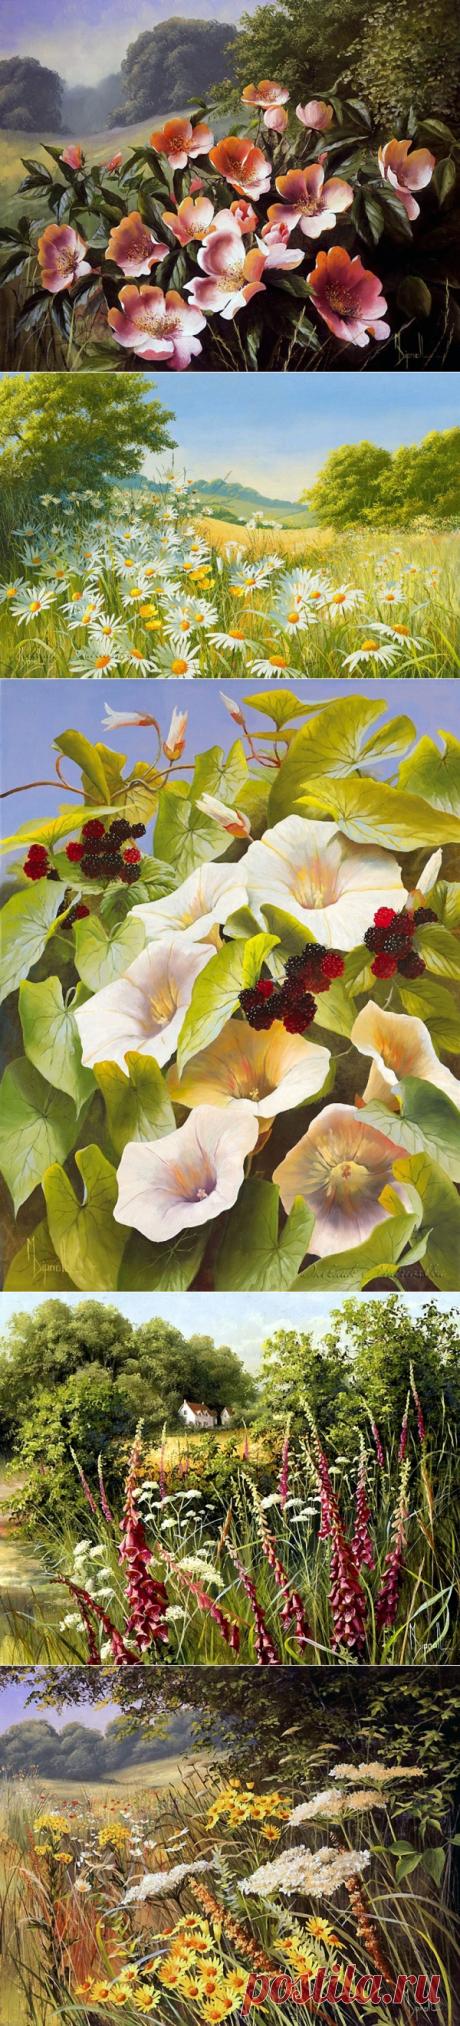 Цветы художницы Mary Dipnall (72 фото) » Картины, художники, фотографы на Nevsepic